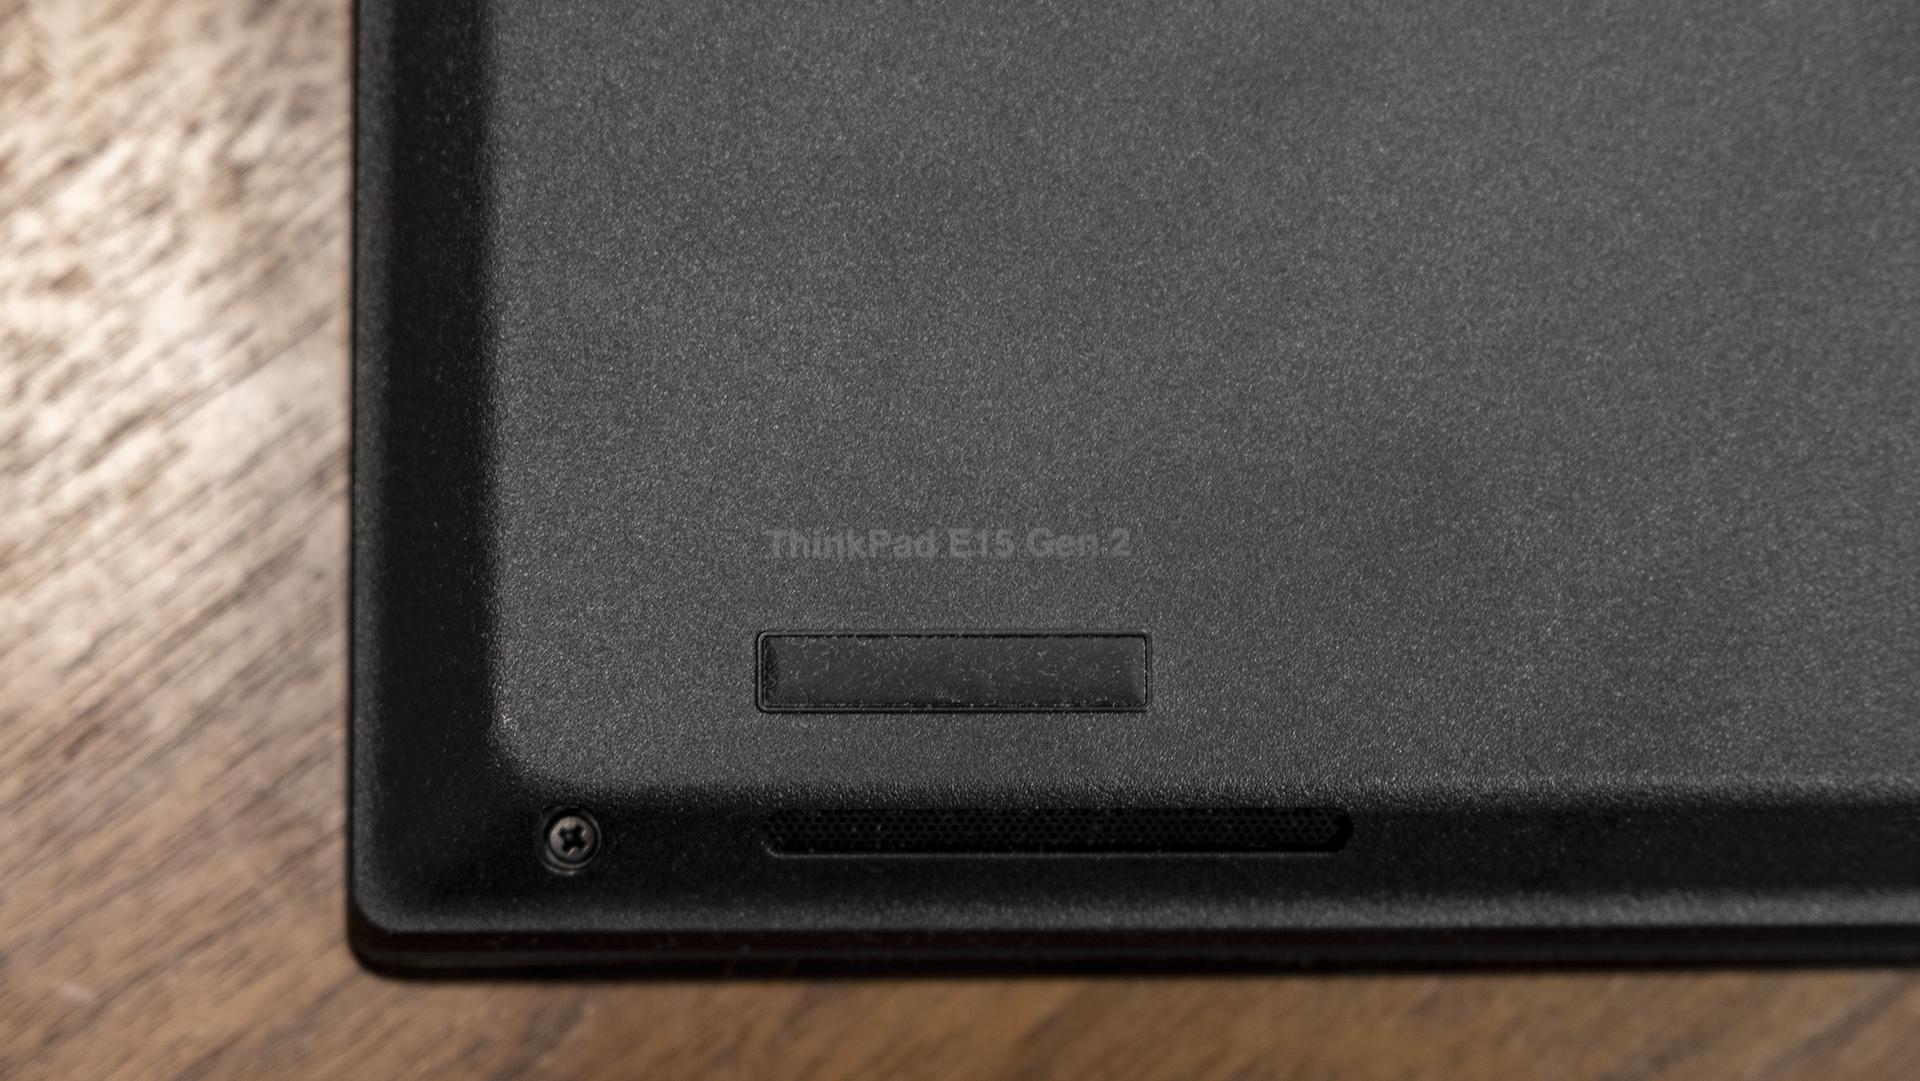 Lenovo ThinkPad E15 Gen 2 Unterseite